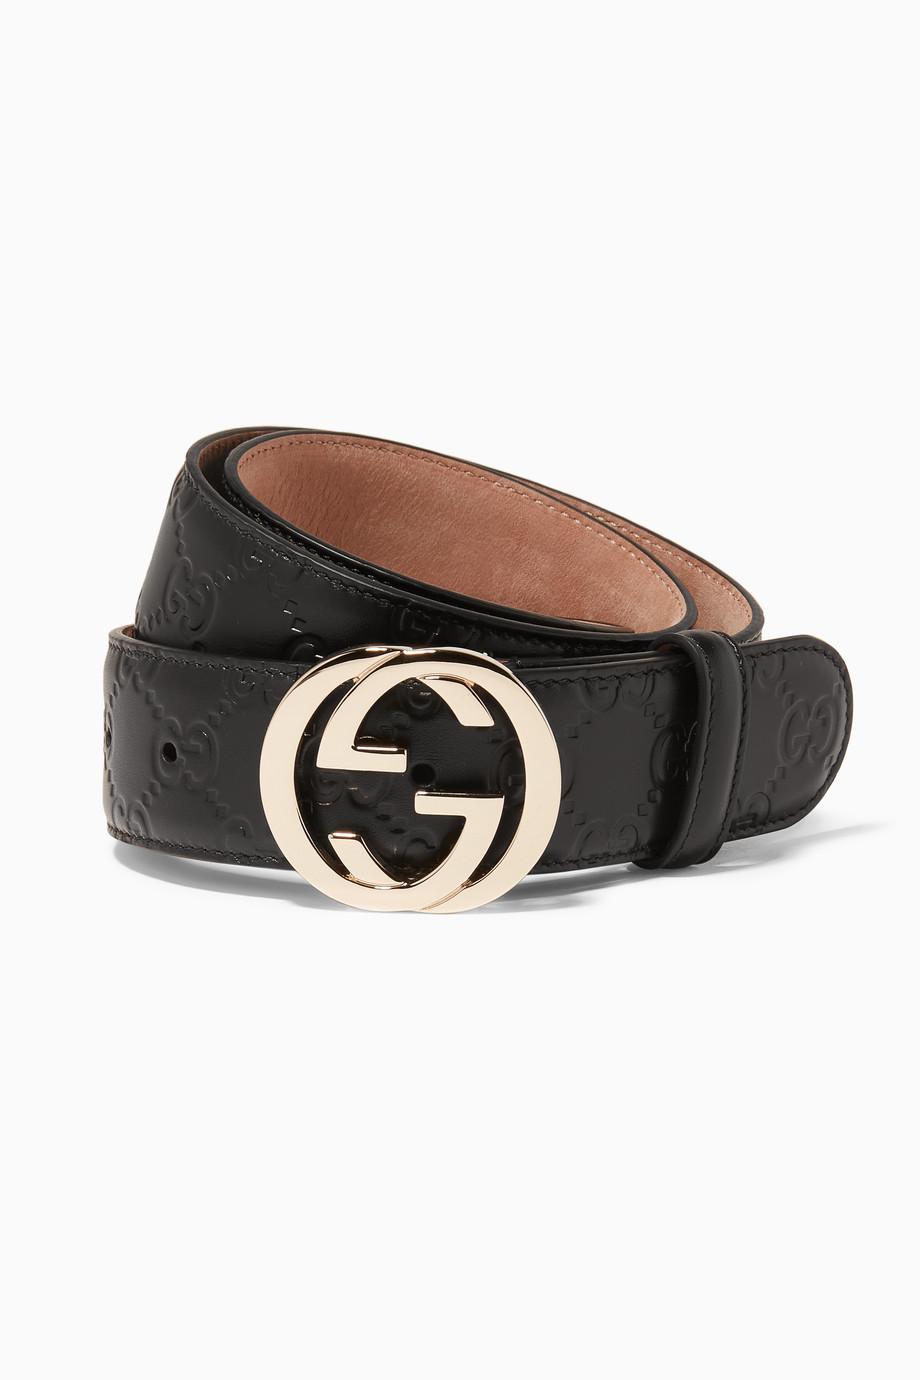 e5e5acc6739 Shop Gucci Black Black Gucci Signature Leather Belt for Women ...